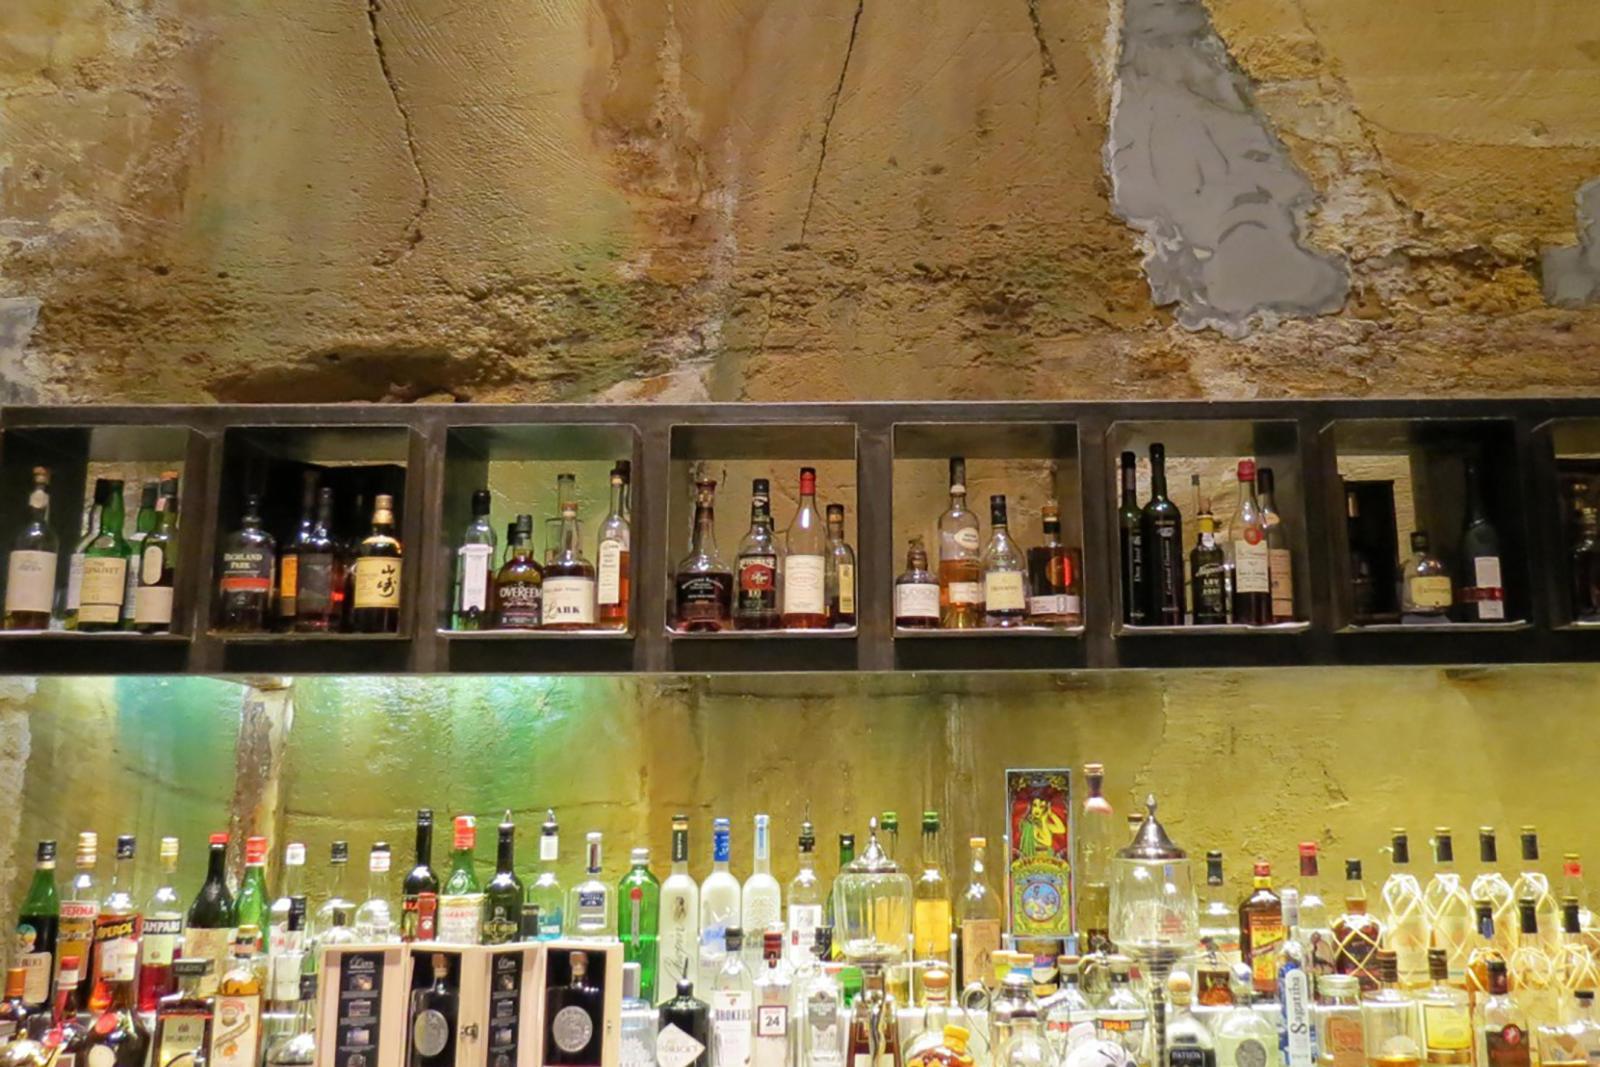 The bar MONA in Hobart Tasmania